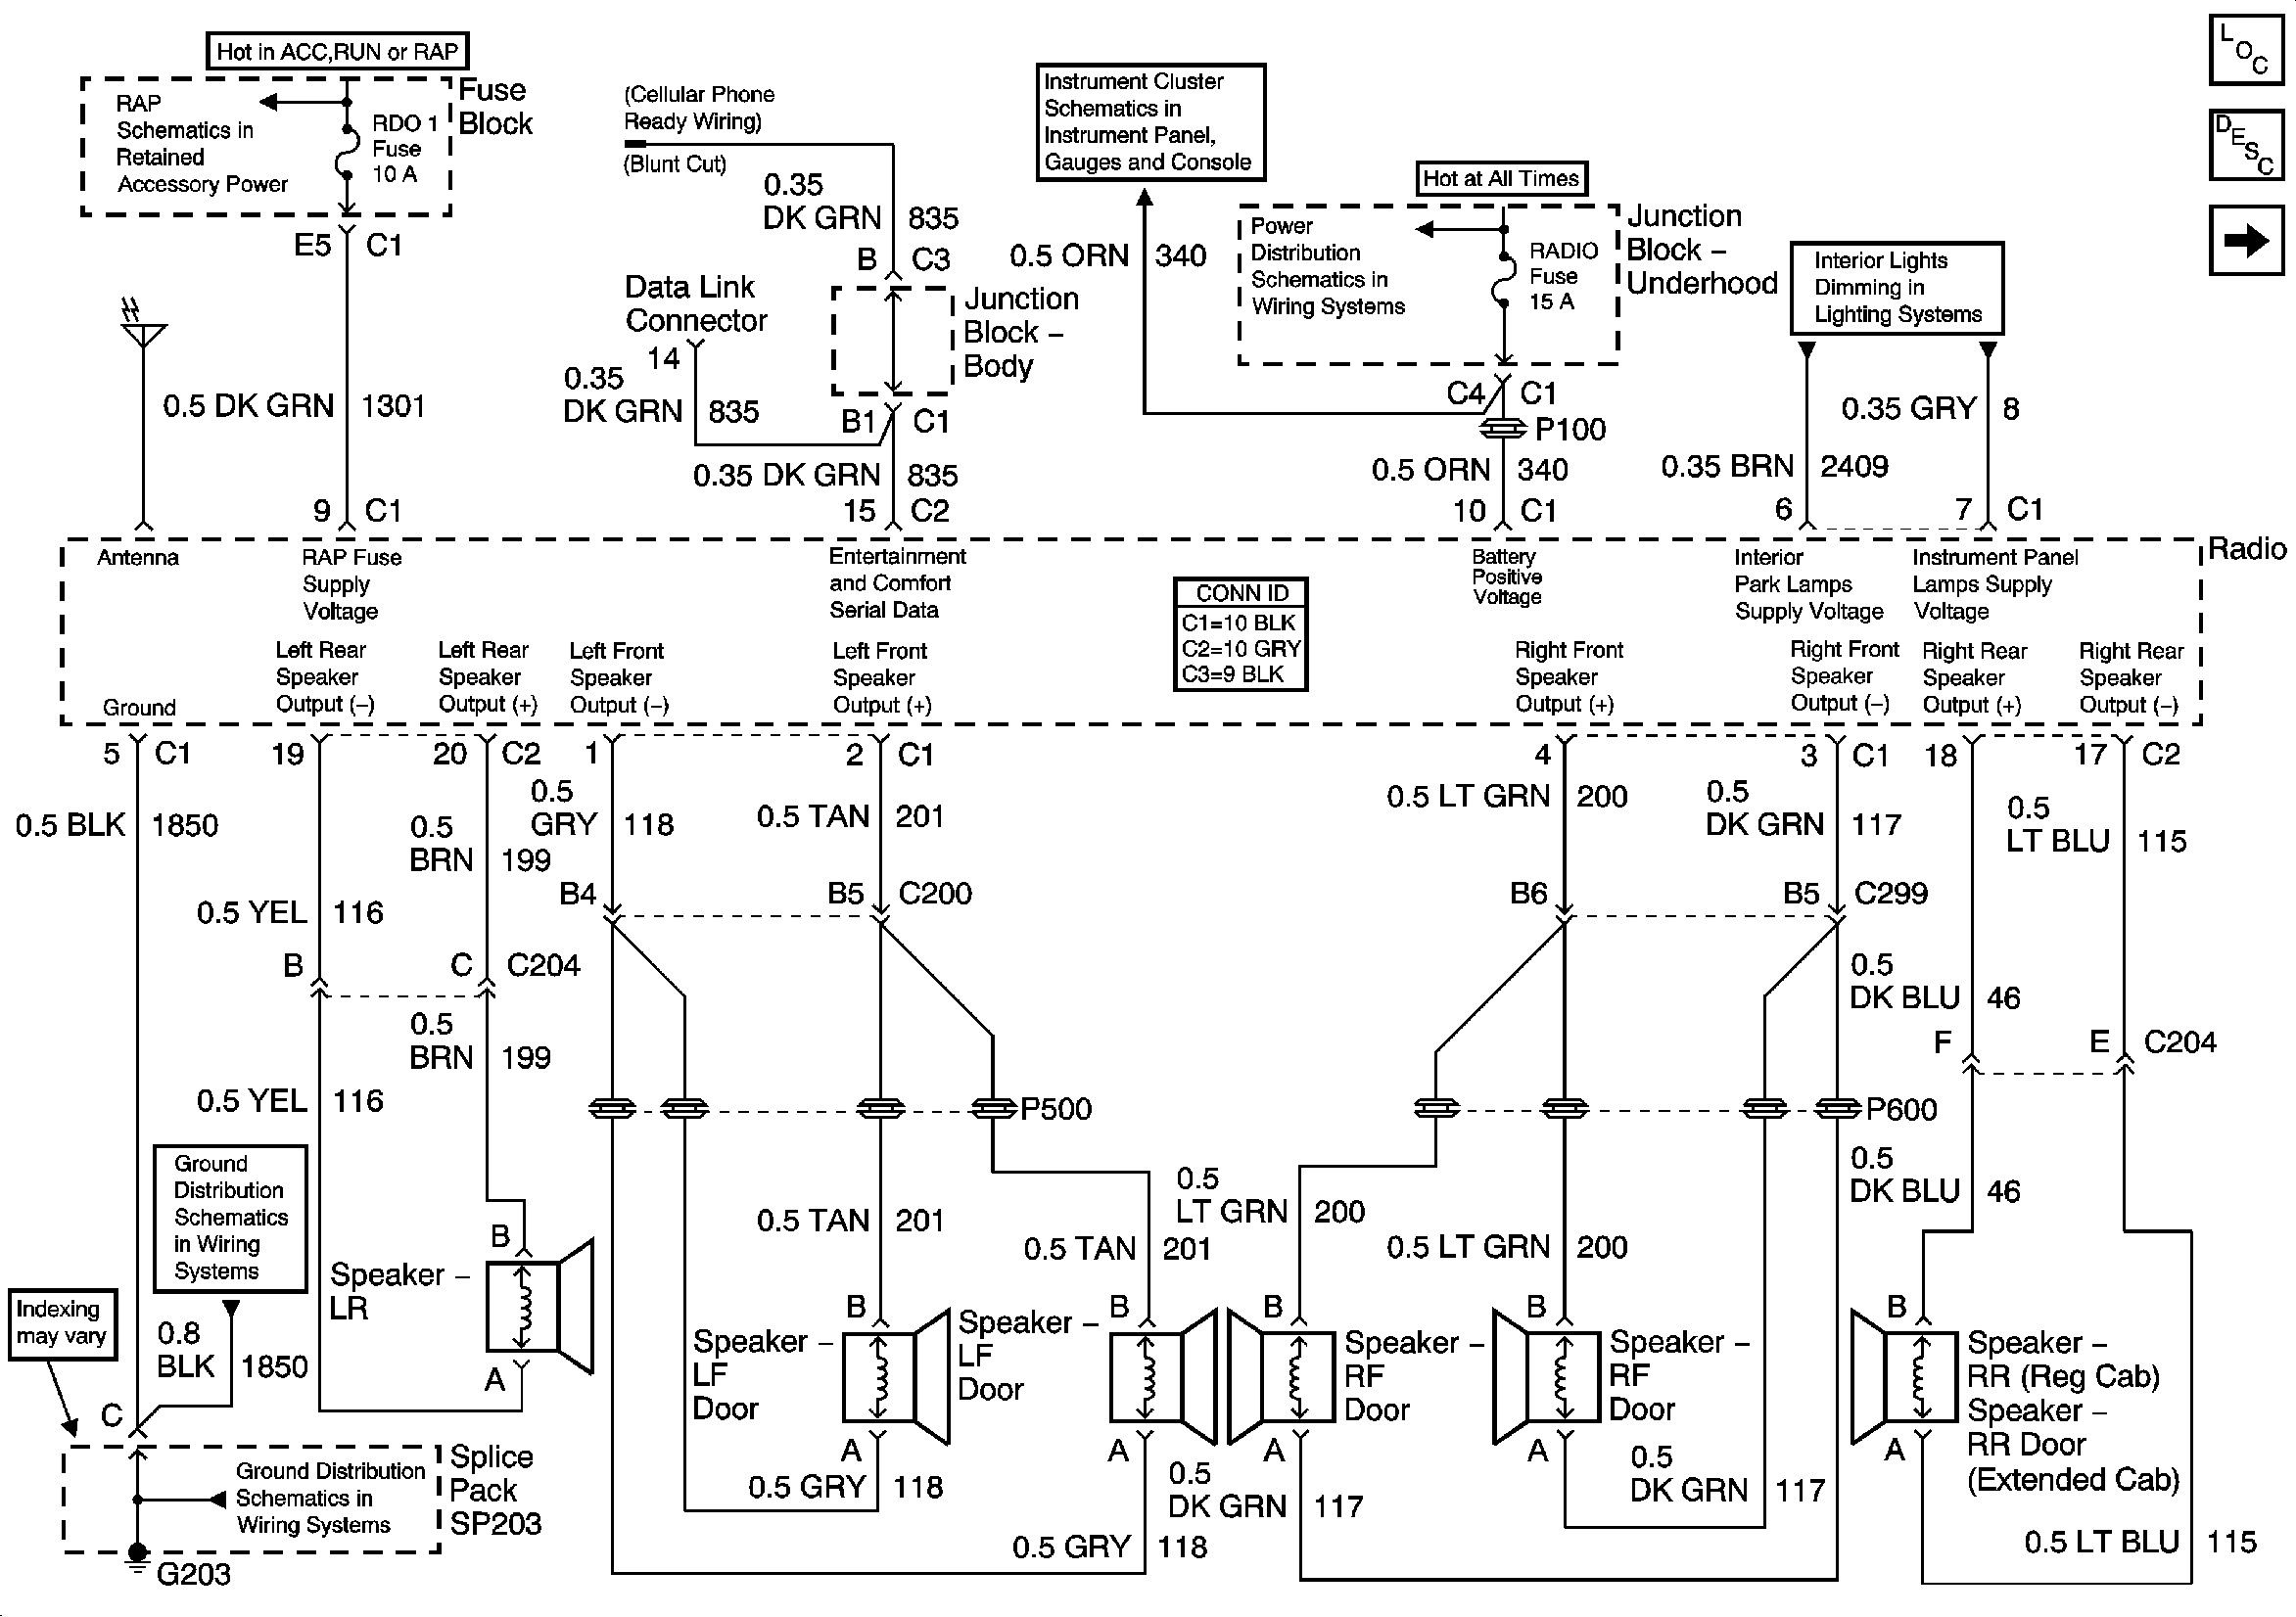 2003 Gmc Envoy Radio Wiring Diagram 2006 Impala To Printable 2002 In 2020 Chevy Silverado 2004 Chevy Silverado 2003 Chevy Silverado